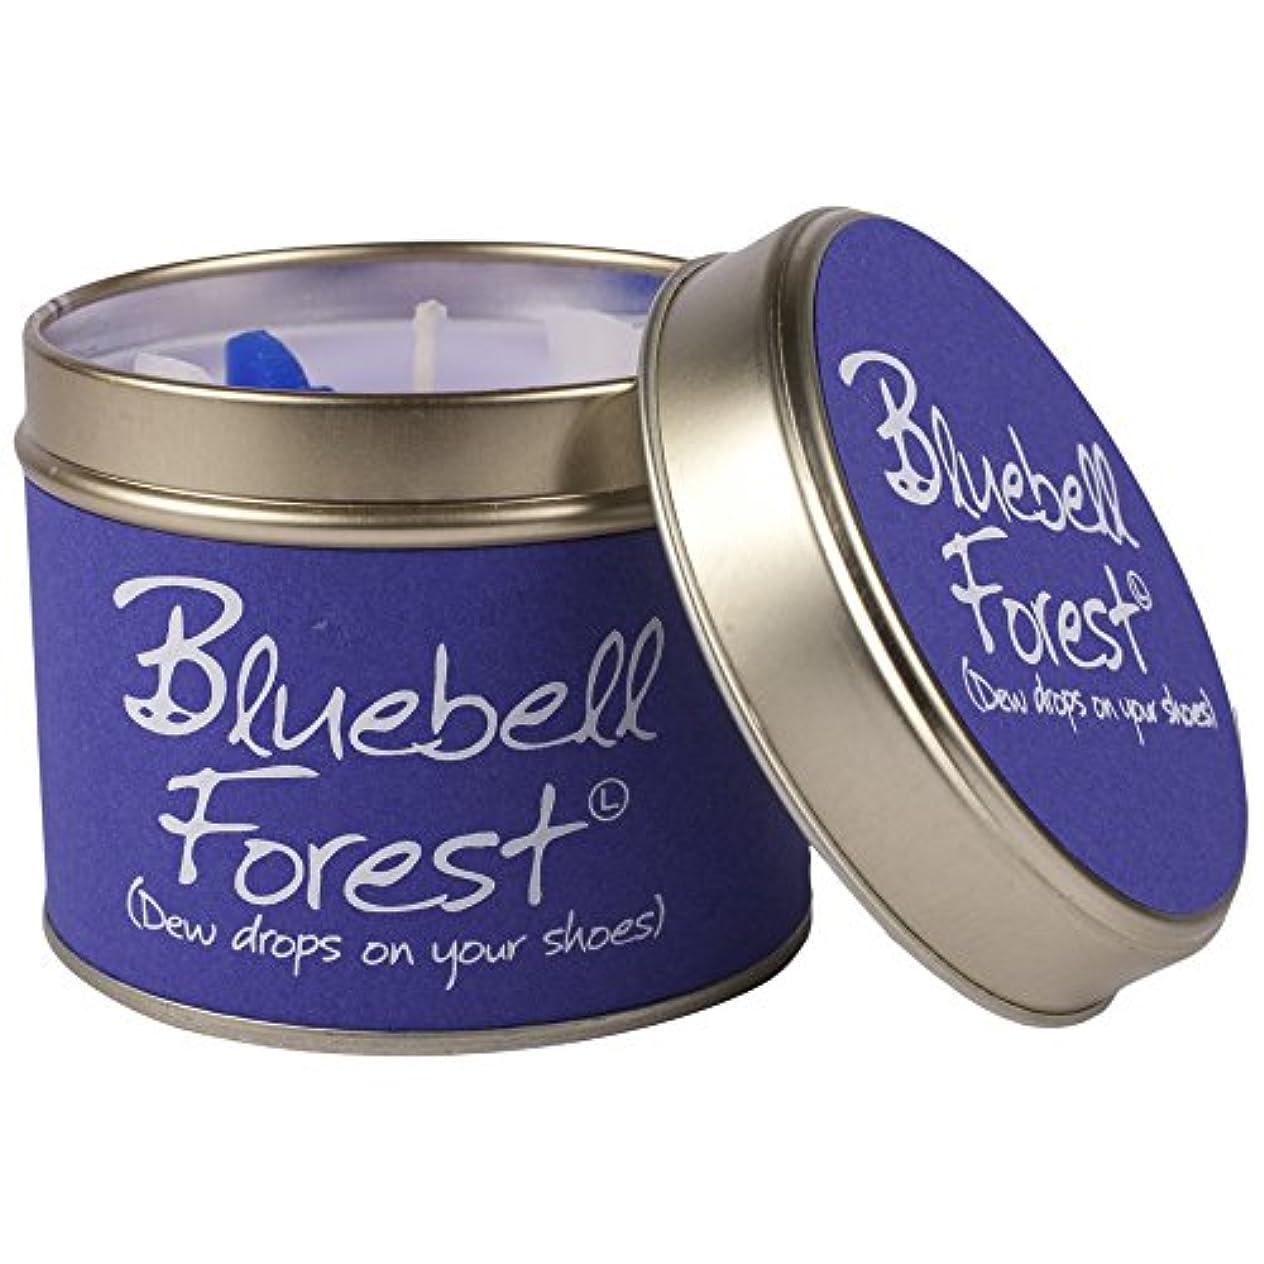 引退するコンデンサー迫害するLily- Flame Scented Candle in a Tin Bluebell Forest (Pack of 2) - スズブルーベルの森でLily-炎香りのキャンドル (Lily-Flame) (x2) [...